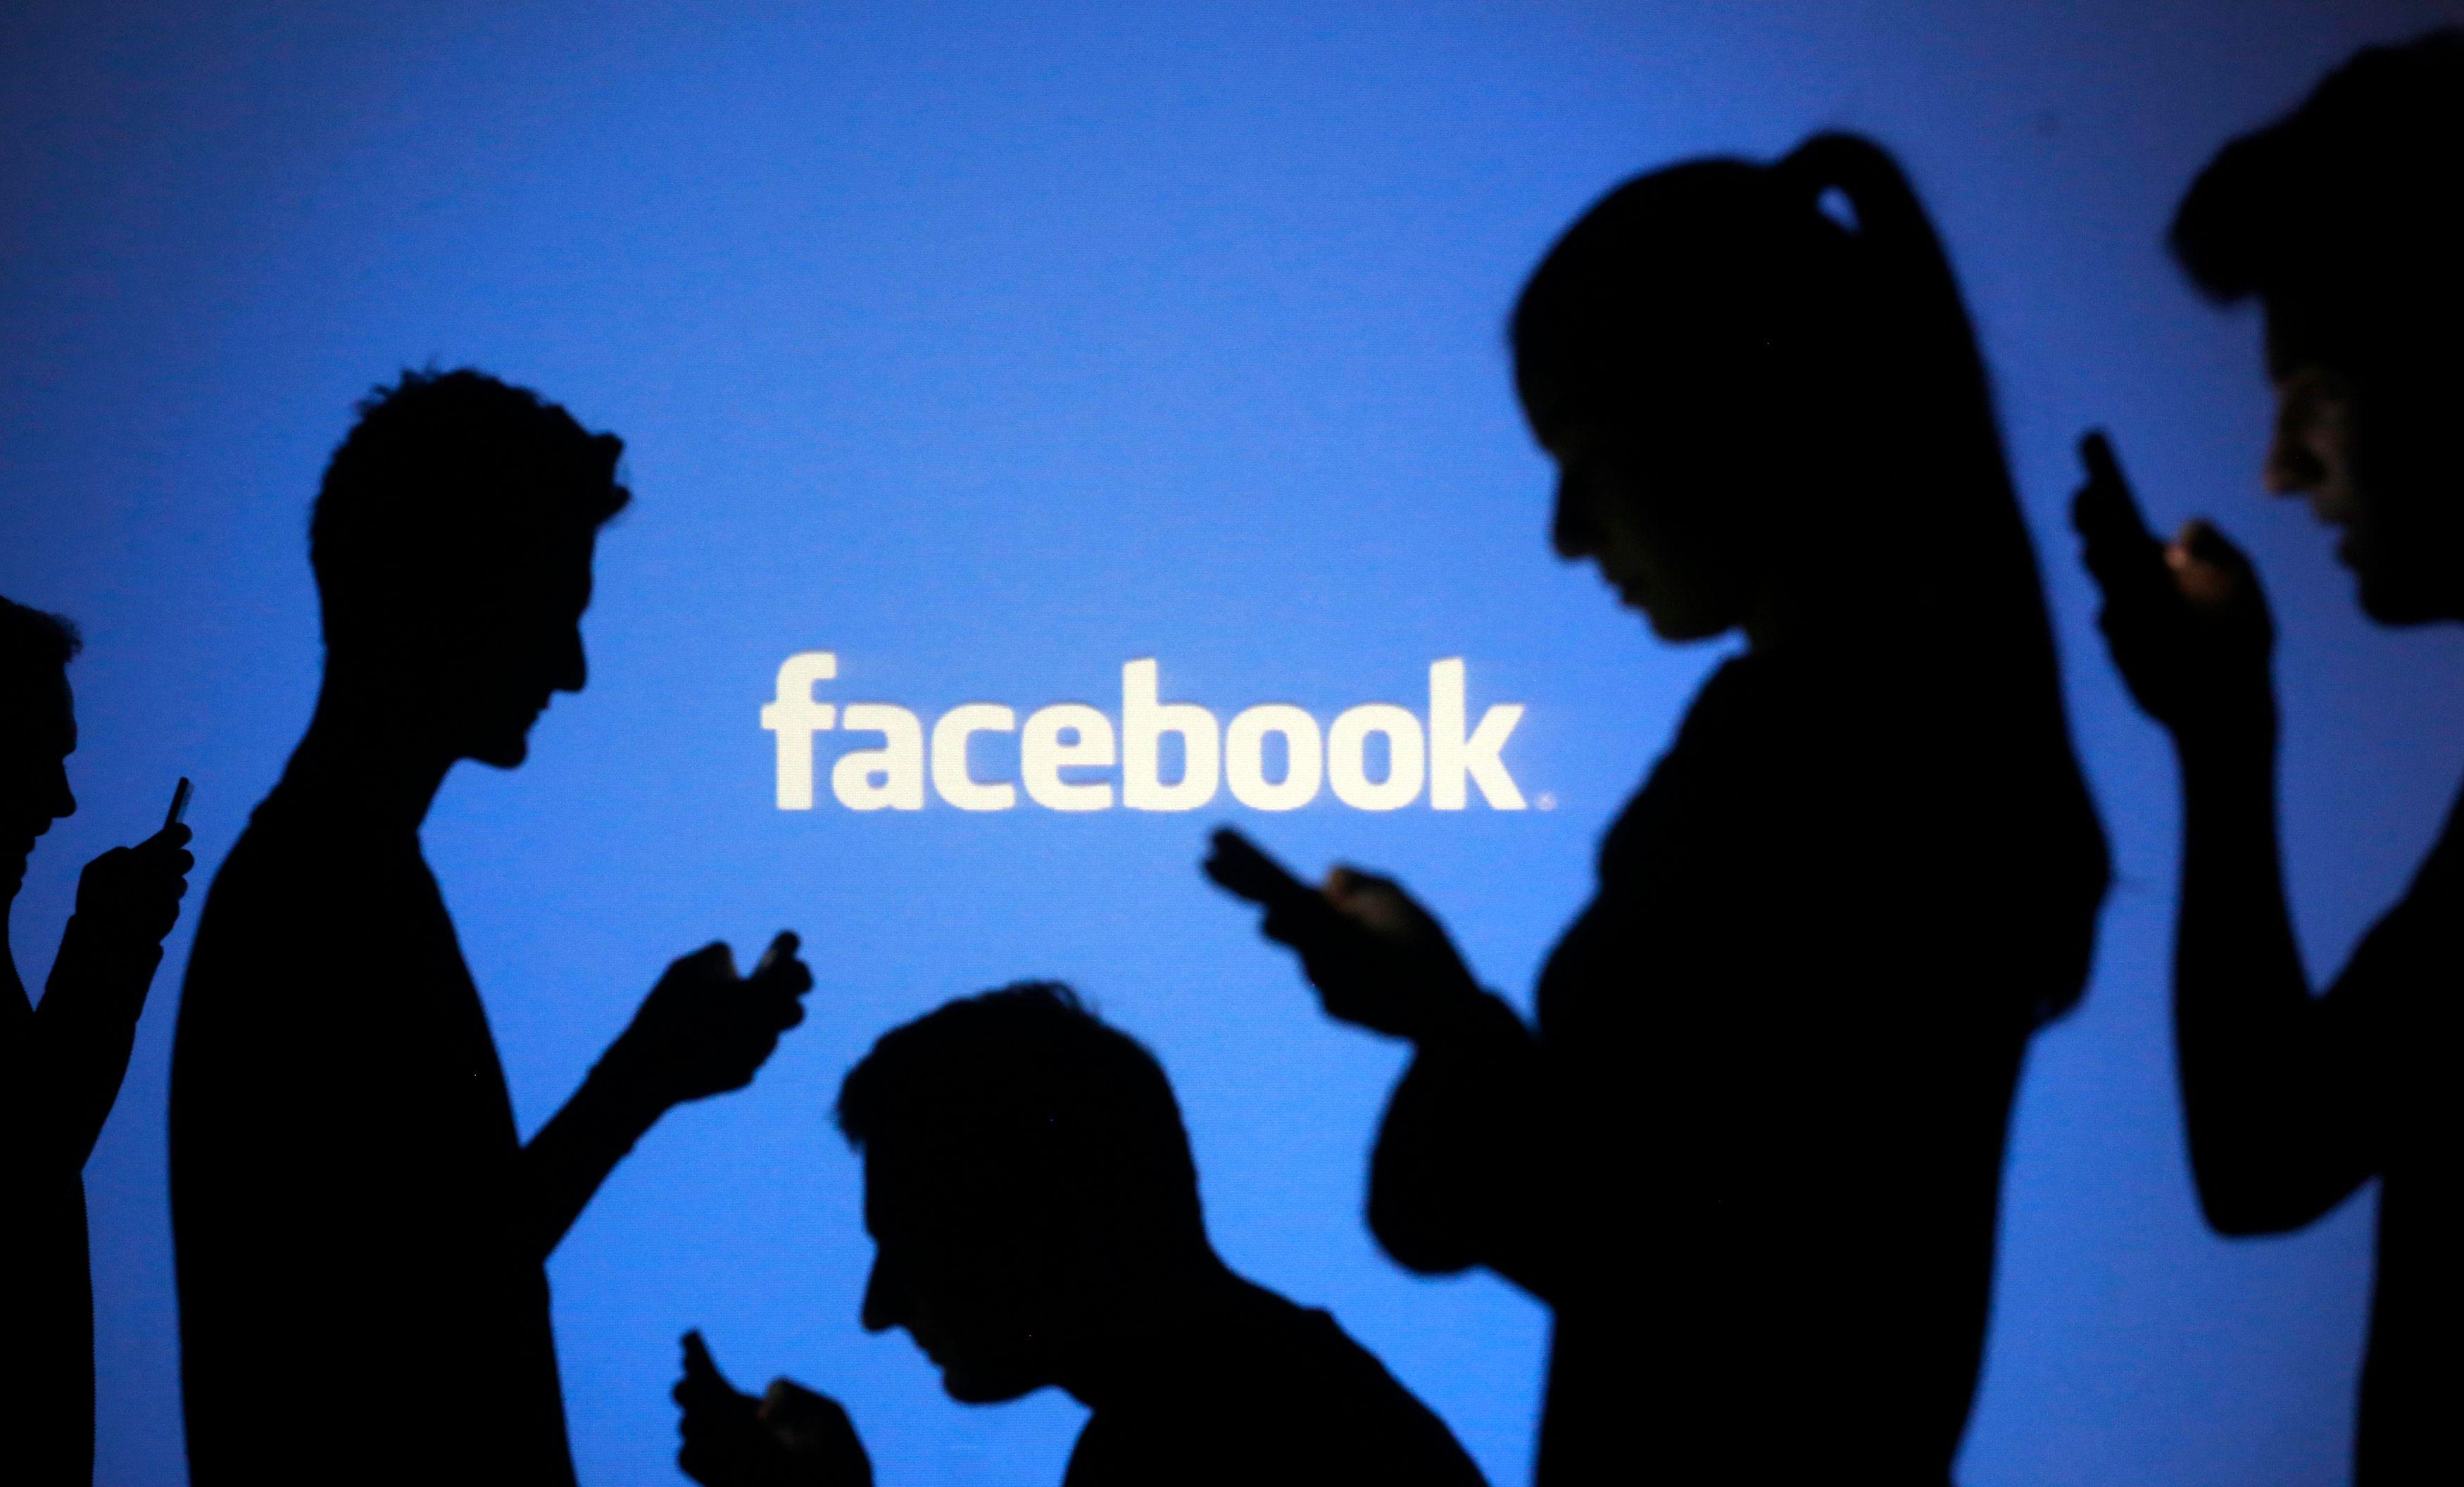 Facebook piraté ?